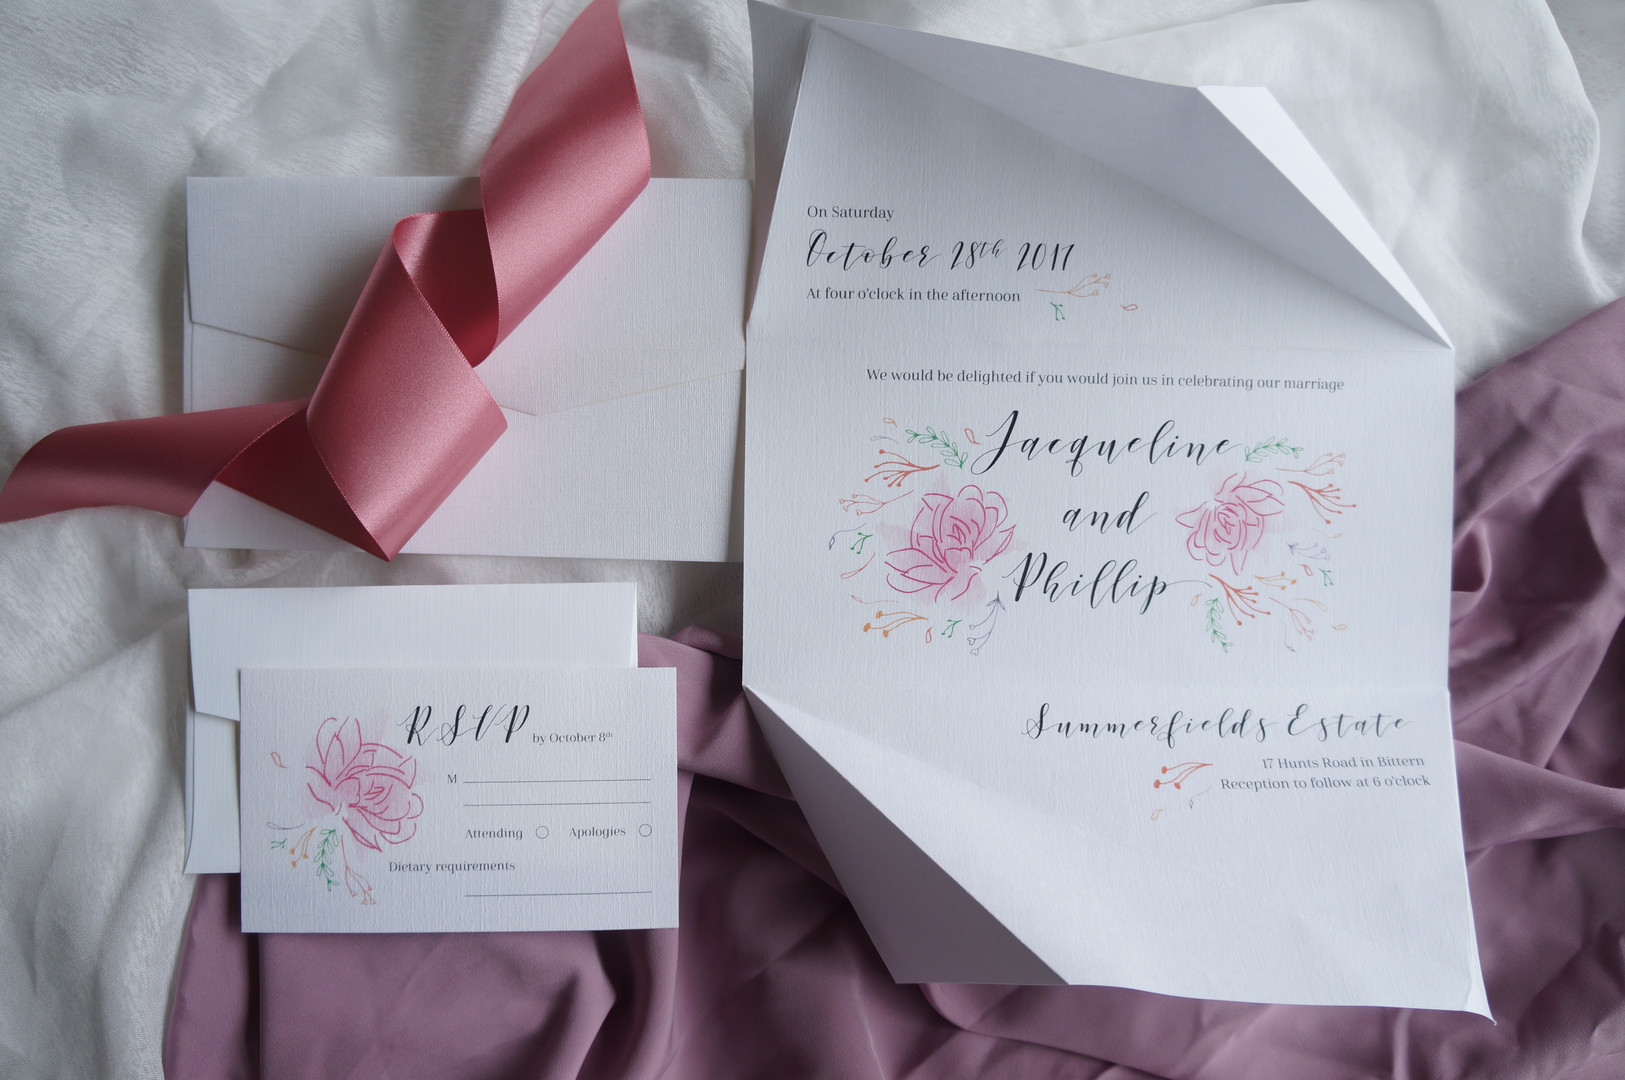 Origami invitations